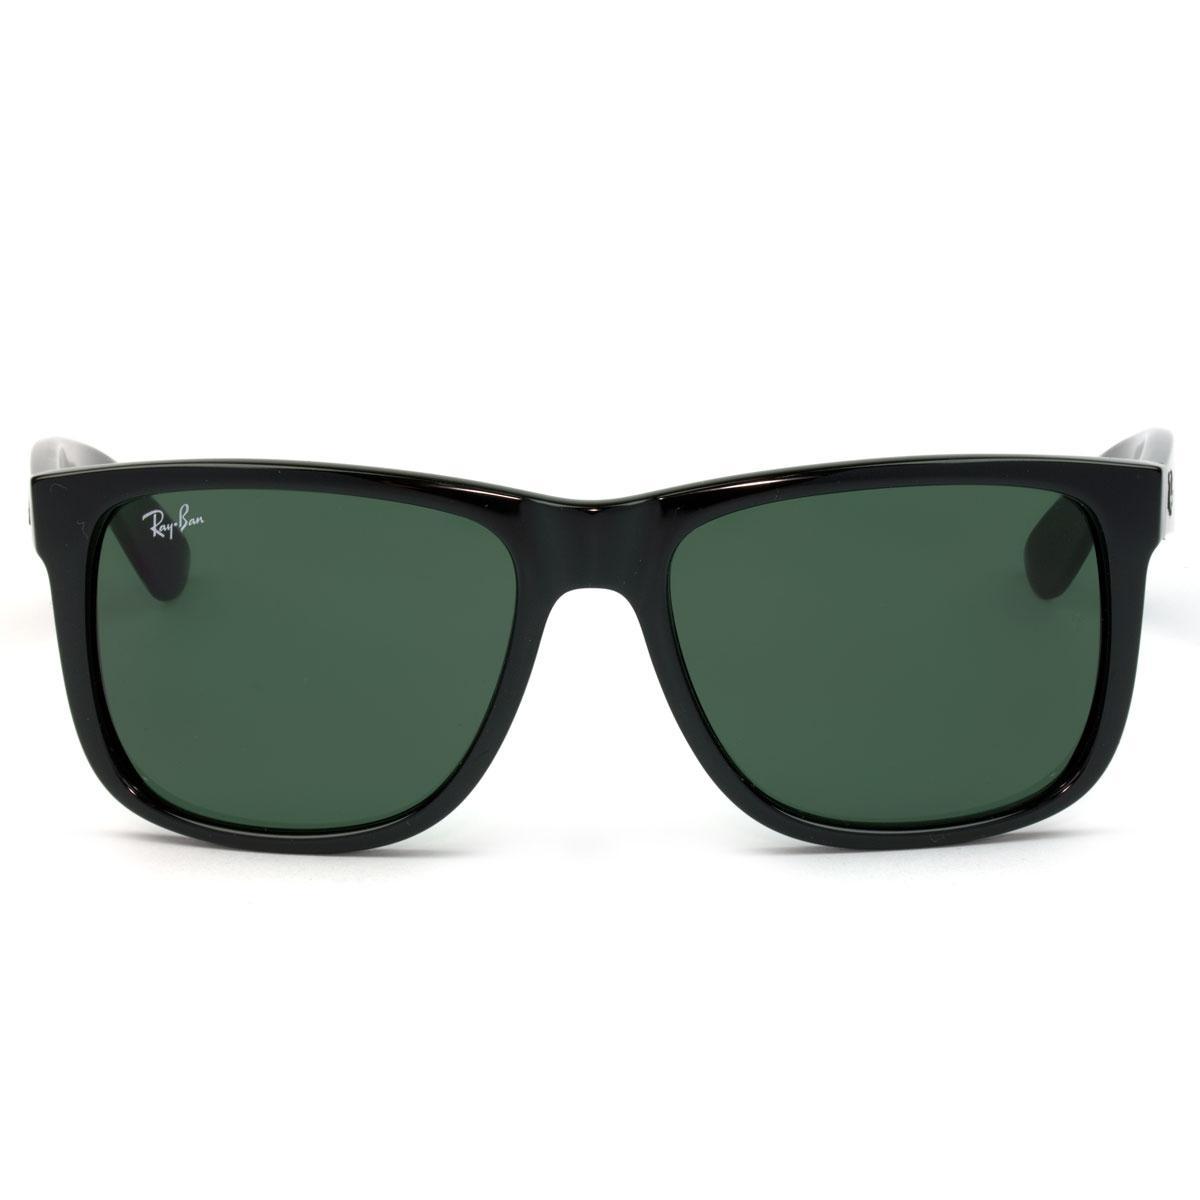 Óculos de Sol Ray-Ban Justin RB4165L 601 71 55 R  449,65 à vista. Adicionar  à sacola bbadbd7449